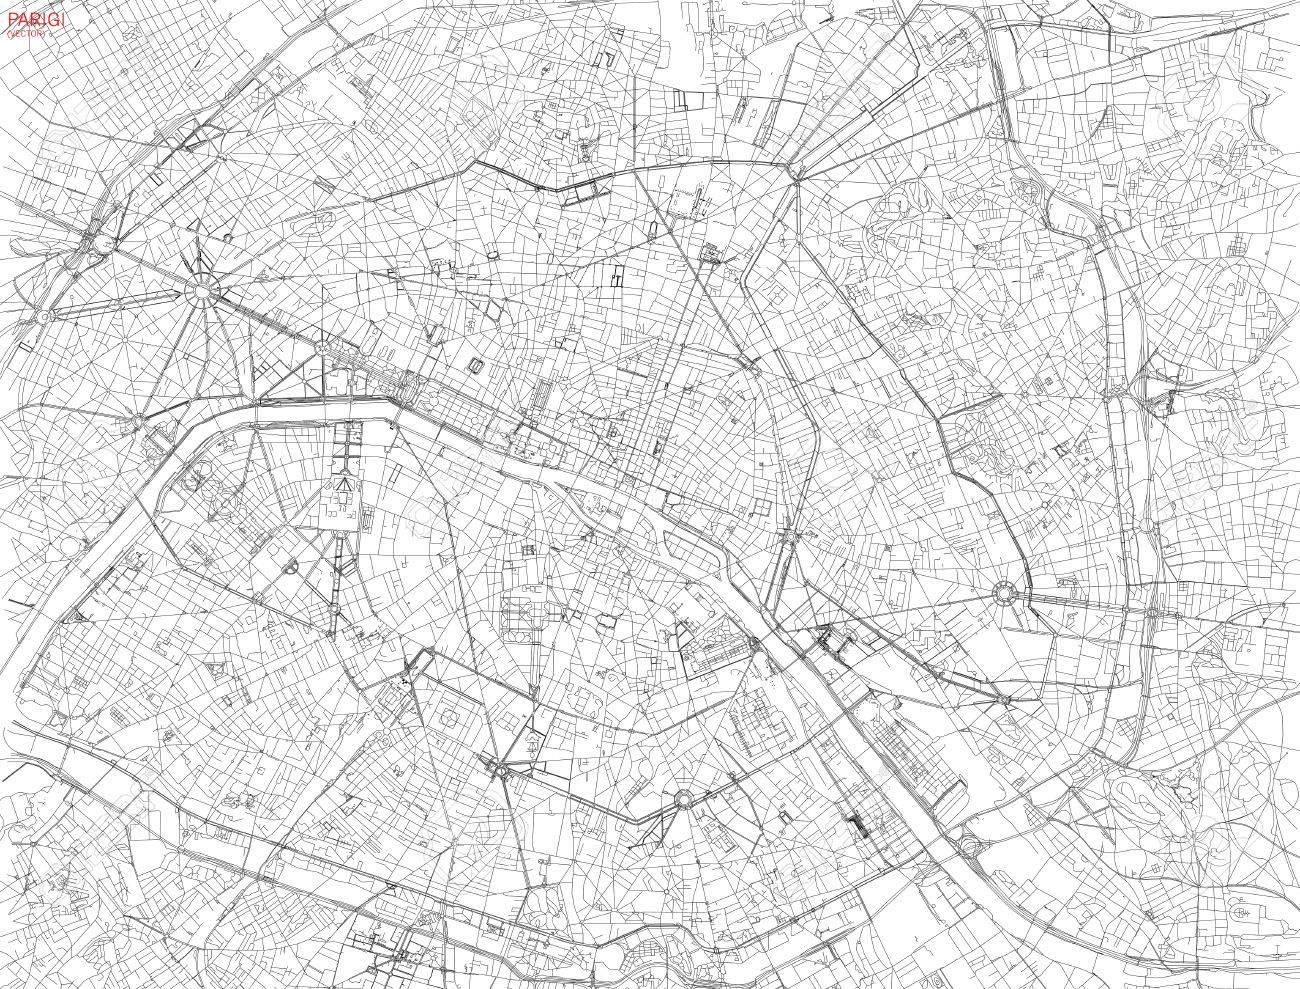 フランス パリ衛星ビュー通り高速道路の地図のイラスト素材